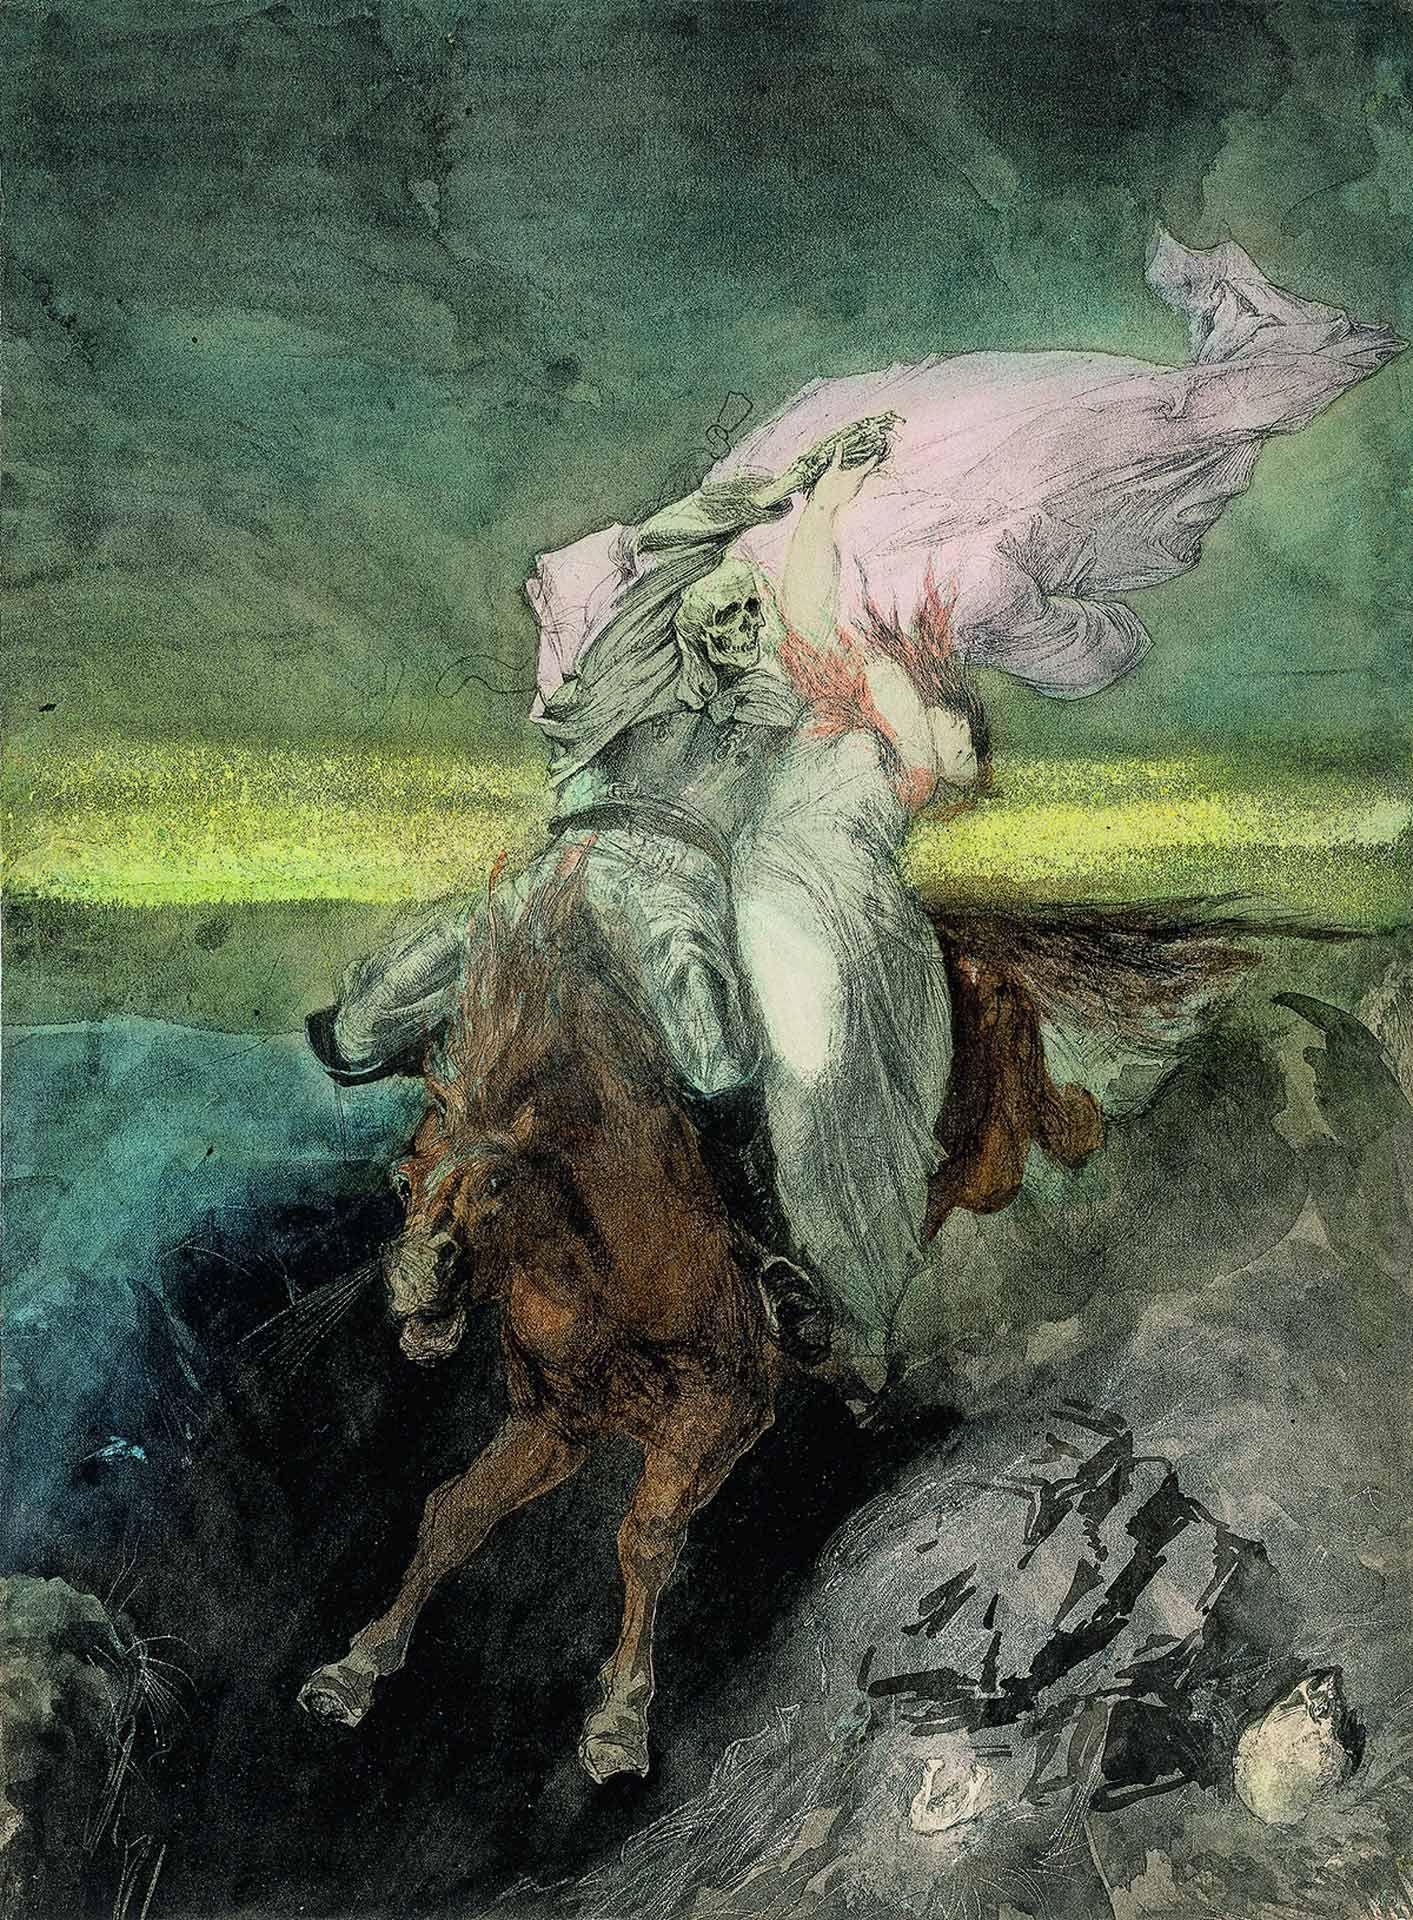 Hans Makart (1840-1884), Le Rapt / La jeune fille et la Mort, vers 1863, plume et encre, lavis d'encre, grattage, pastel (?), mine de plomb. MBAM, achat, fonds Claude Dalphond à la mémoire de Gisèle Lachance